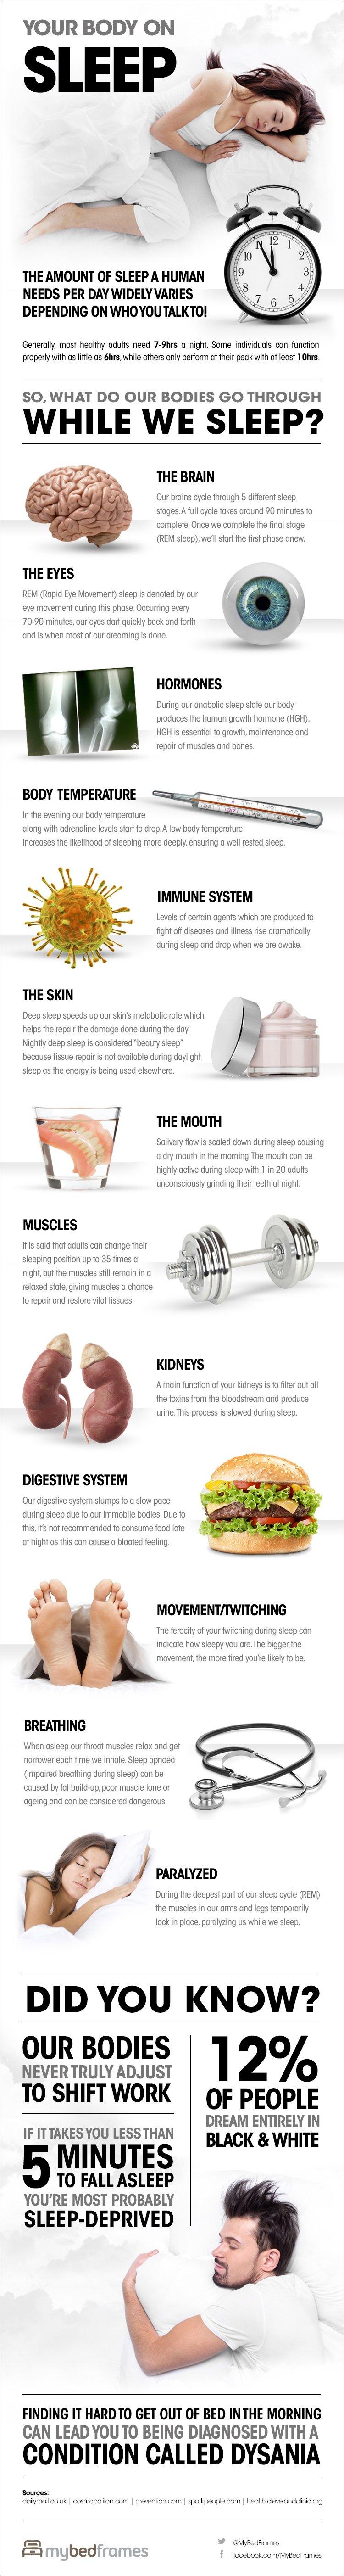 Your-Body-on-Sleep